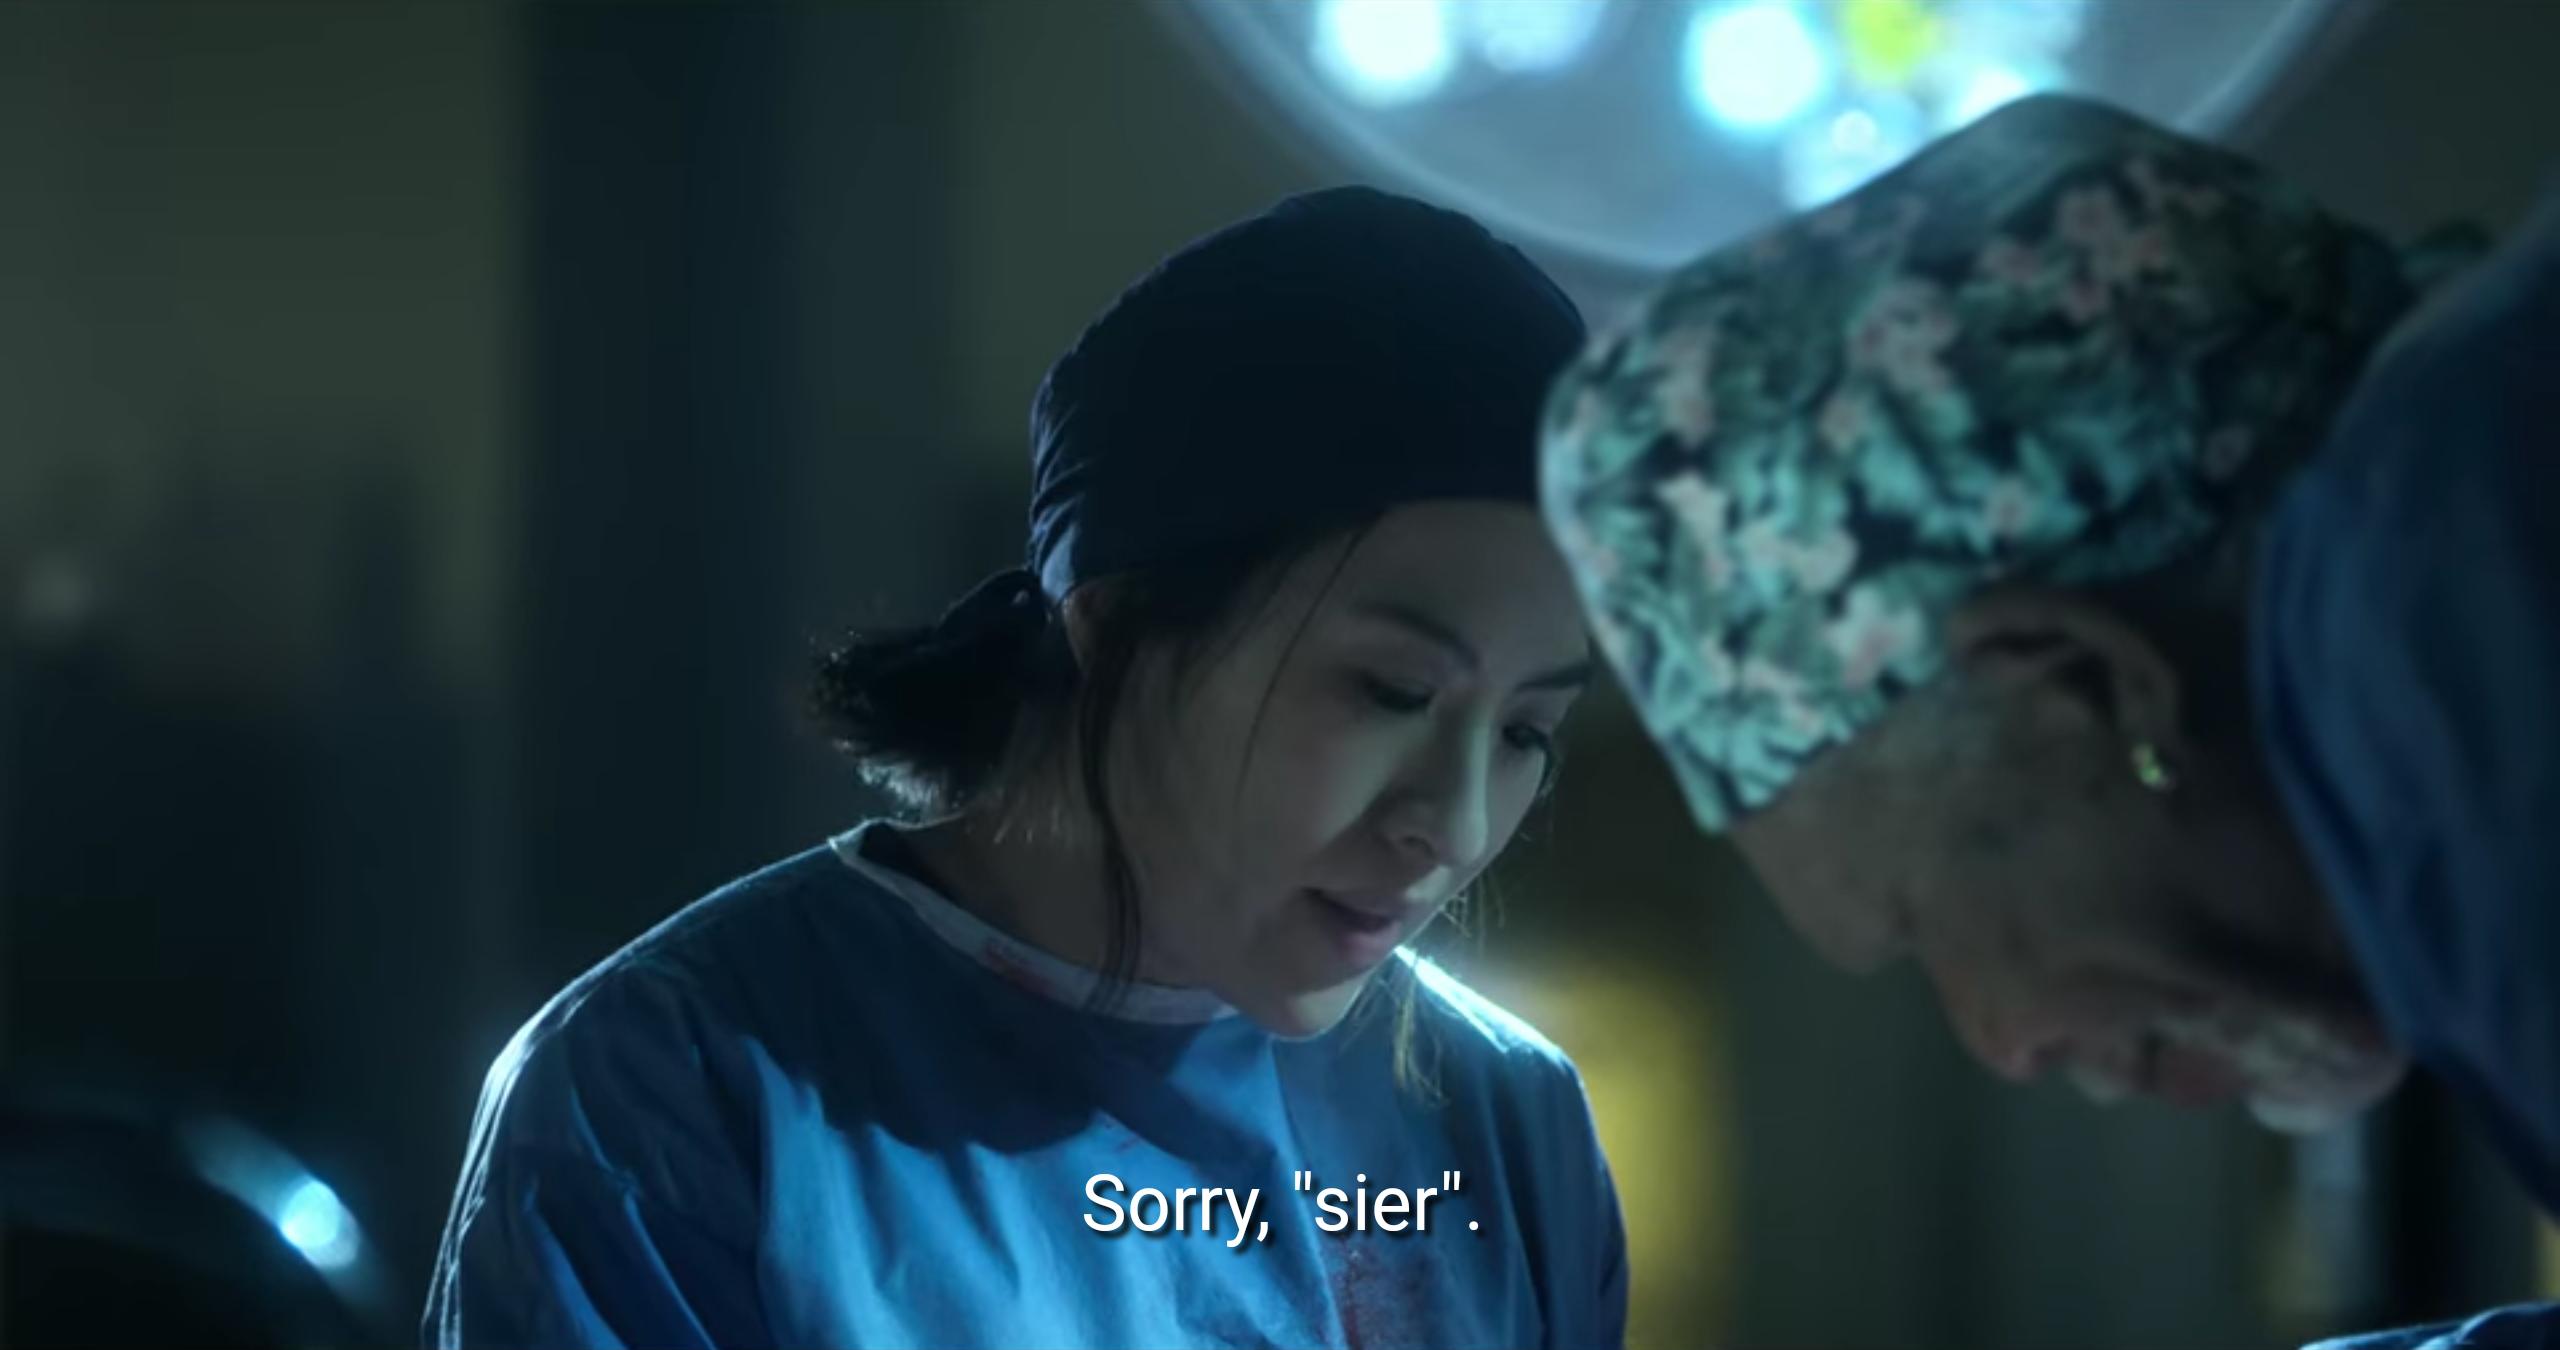 Filmstandbild mit Untertitel: >Sorry sier.< Die Person mit schwarzen Haaren hat einen kurzen Zopf im Nacken und spricht. Beide schauen nach unten